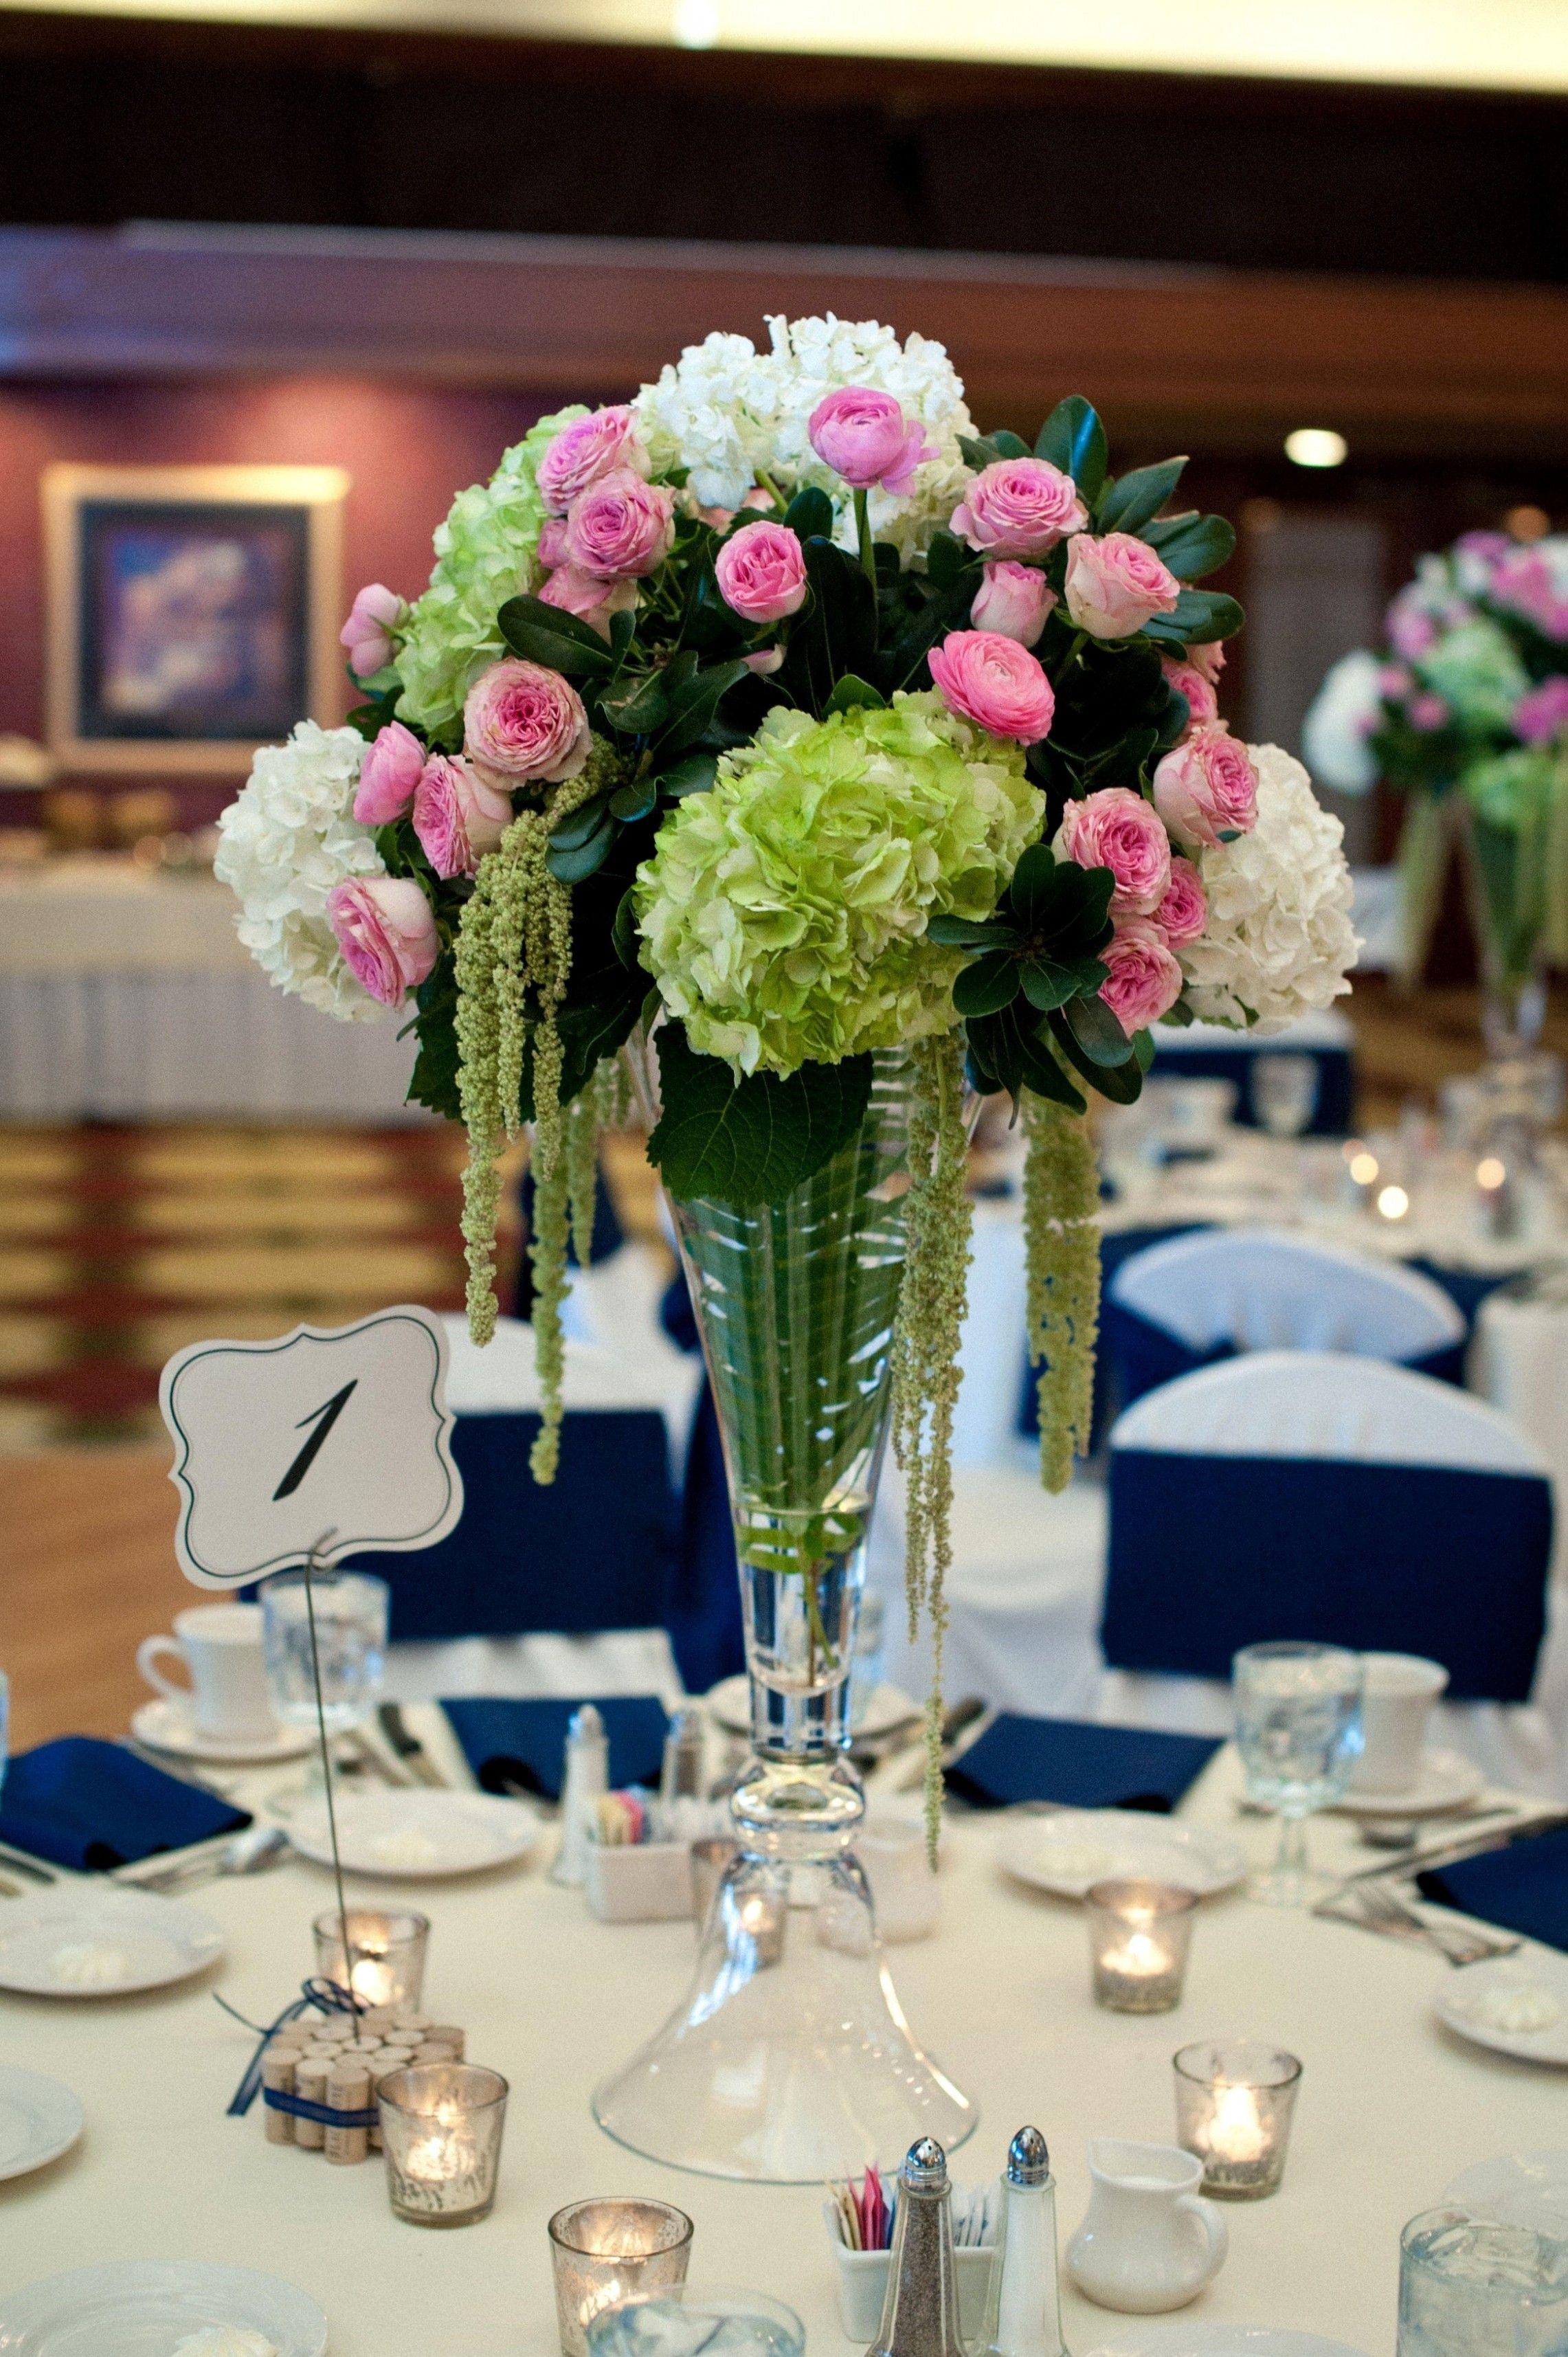 rose arrangements in square vases of tulip bulb vase beautiful mirrored square vase 3h vases mirror table throughout tulip bulb vase beautiful mirrored square vase 3h vases mirror table decorationi 0d weddings